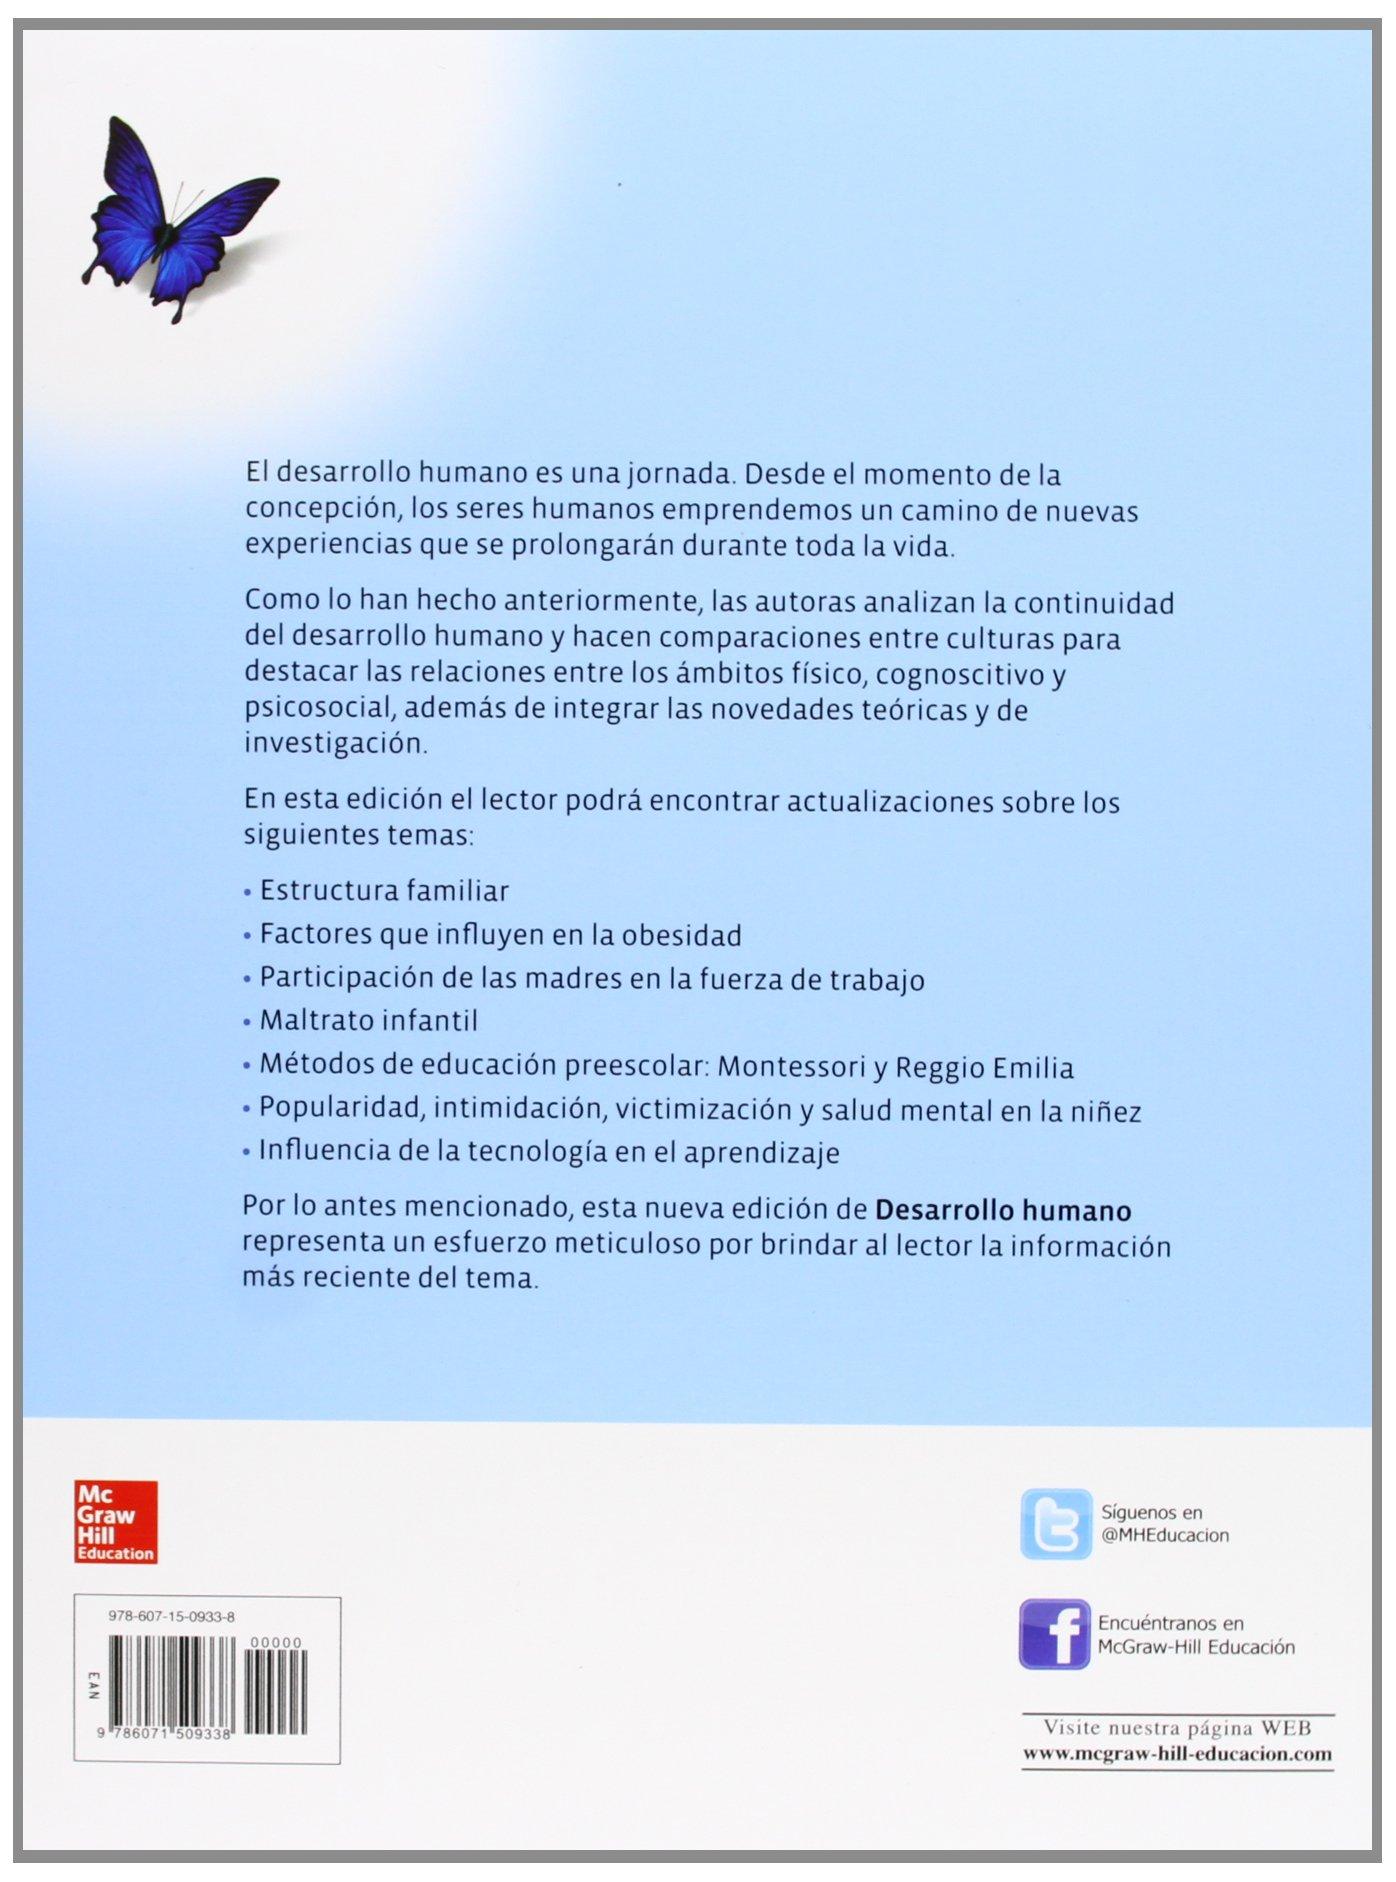 Desarrollo humano 12va edicion papalia 9786071509338 amazon desarrollo humano 12va edicion papalia 9786071509338 amazon books fandeluxe Image collections